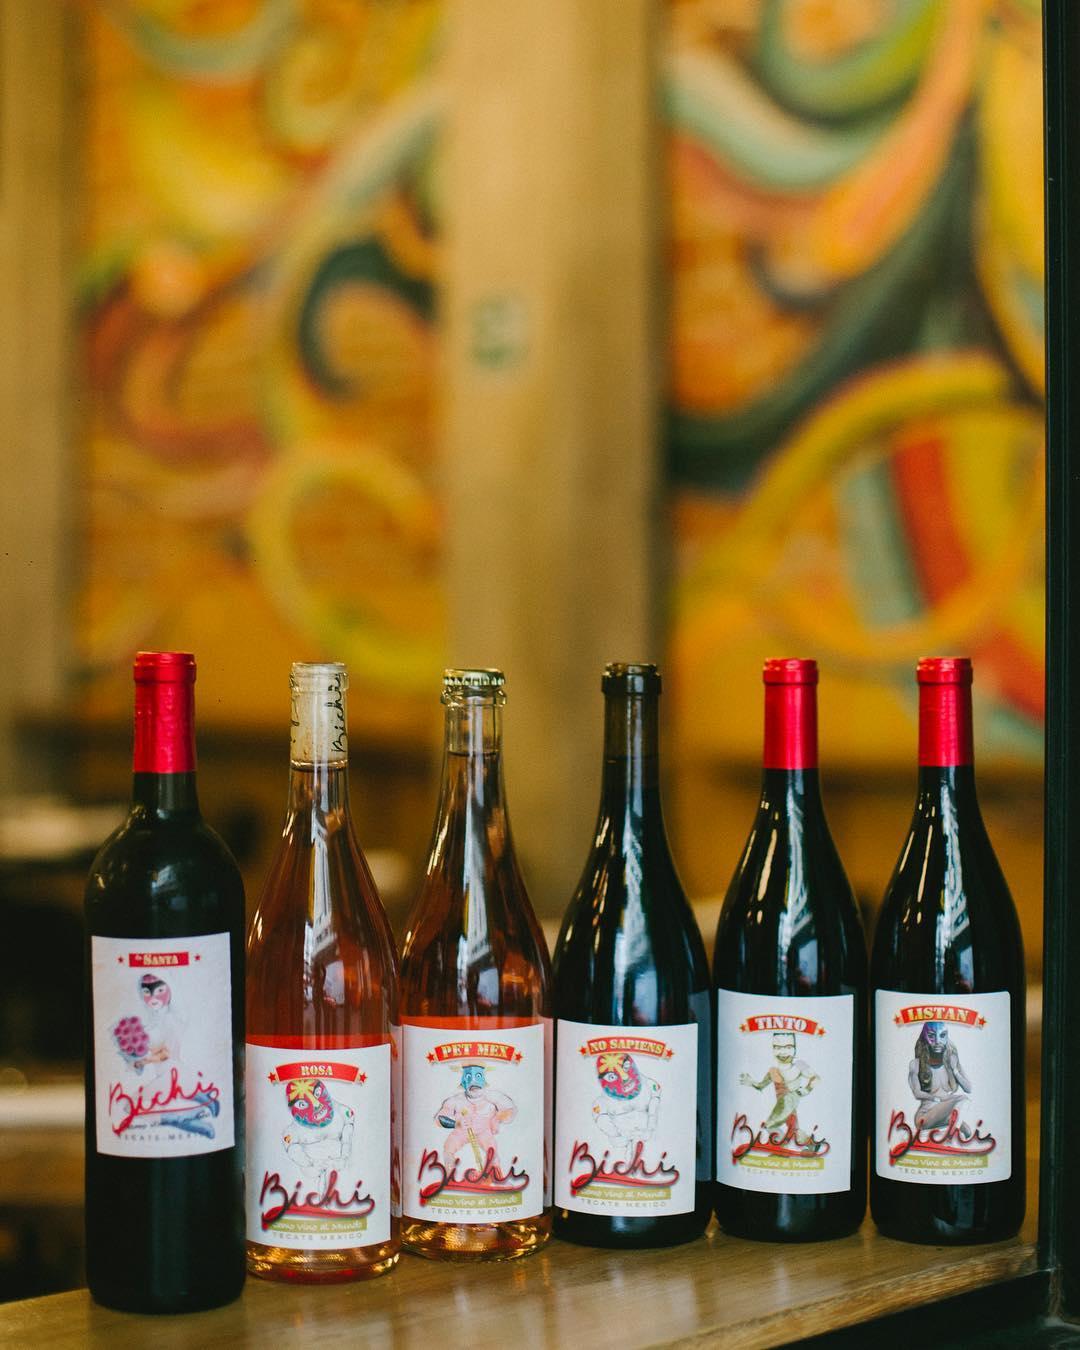 bichi vinos naturales